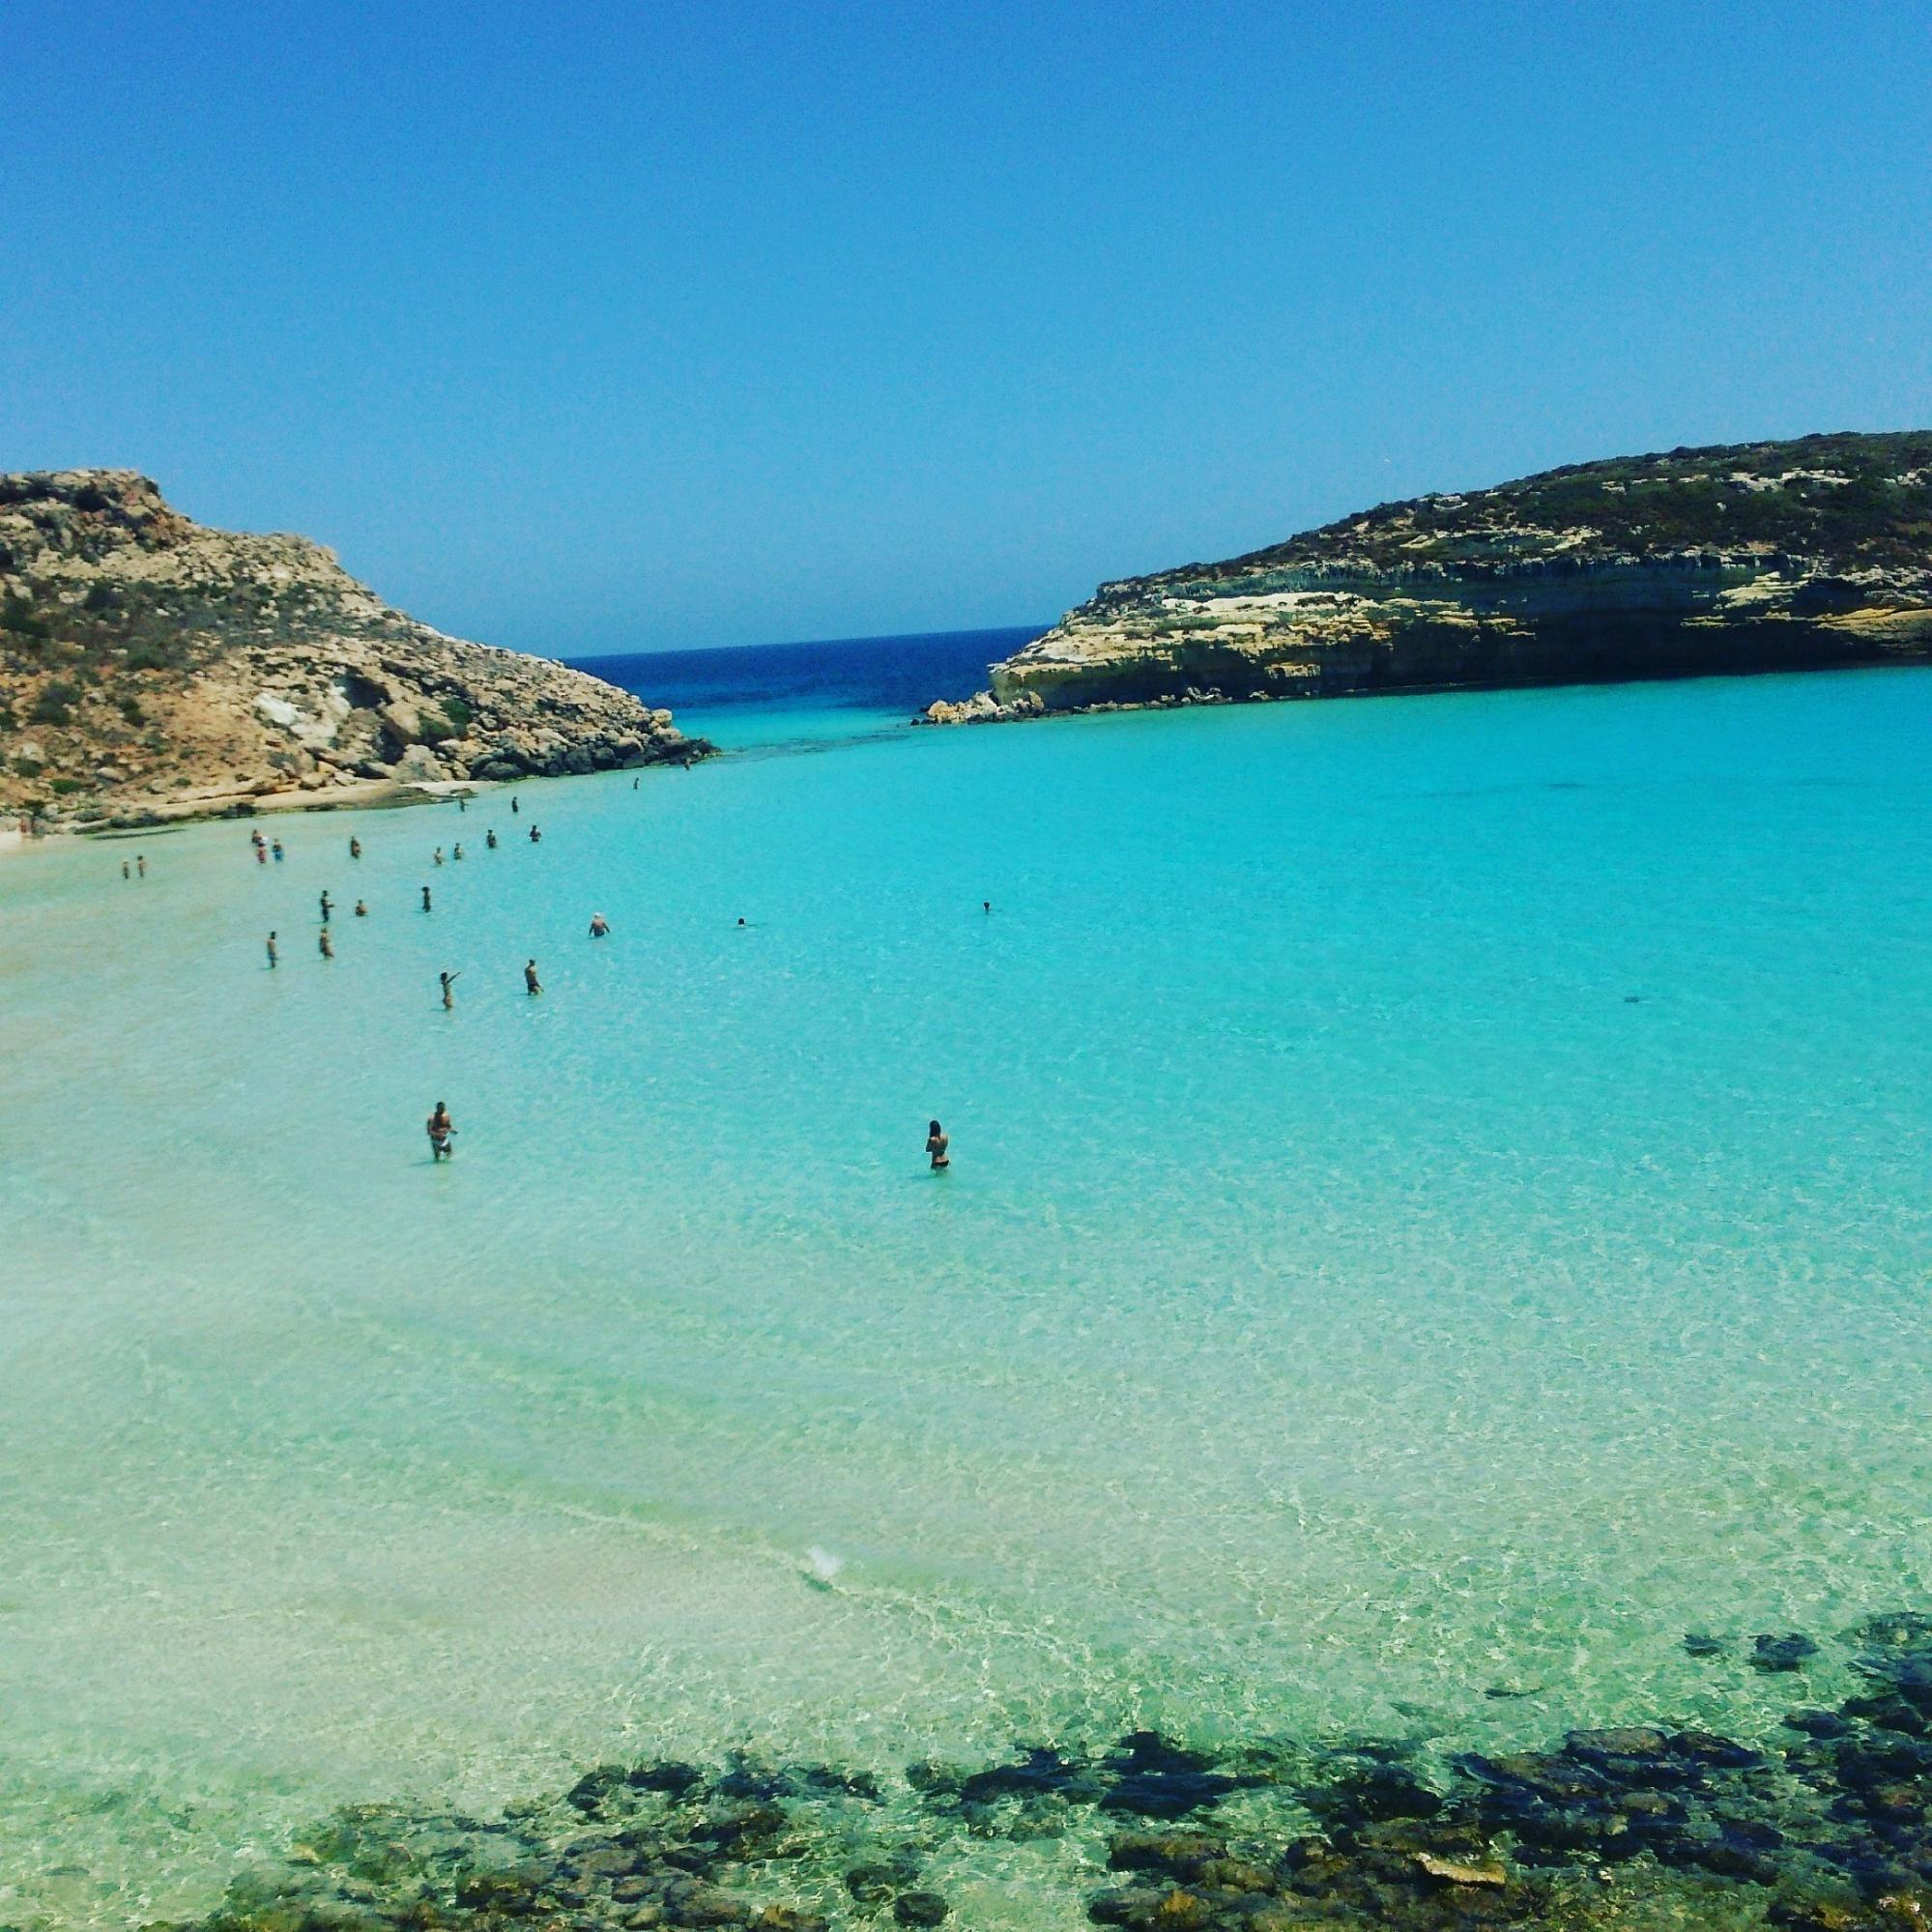 ランペドゥーザ島の観光:ラビットビーチの透明度が高く美しい海と砂浜